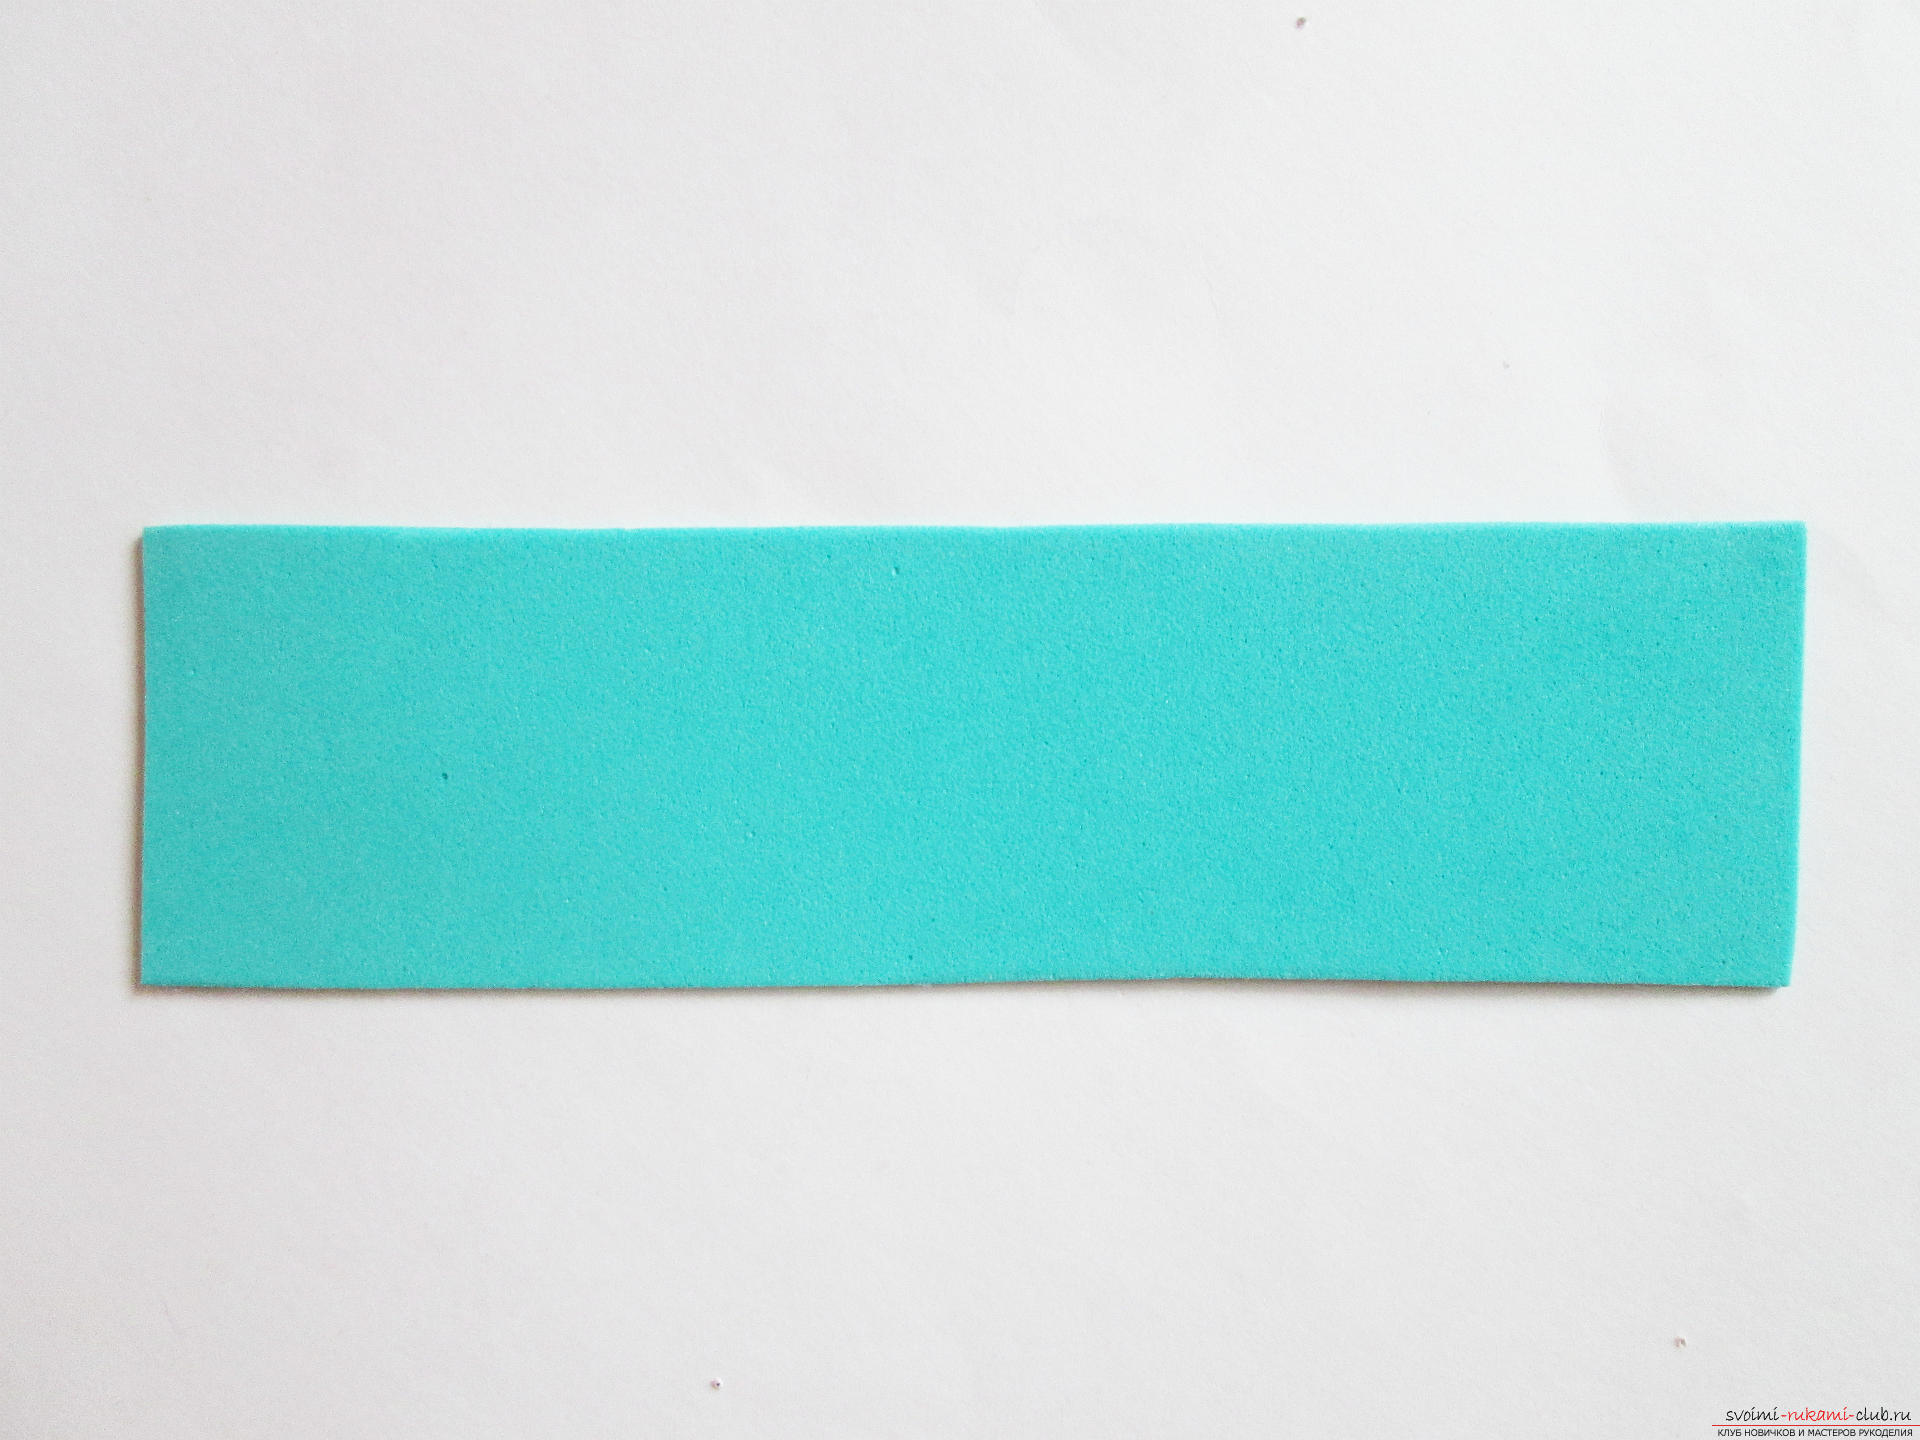 Как сделать синий цвет?